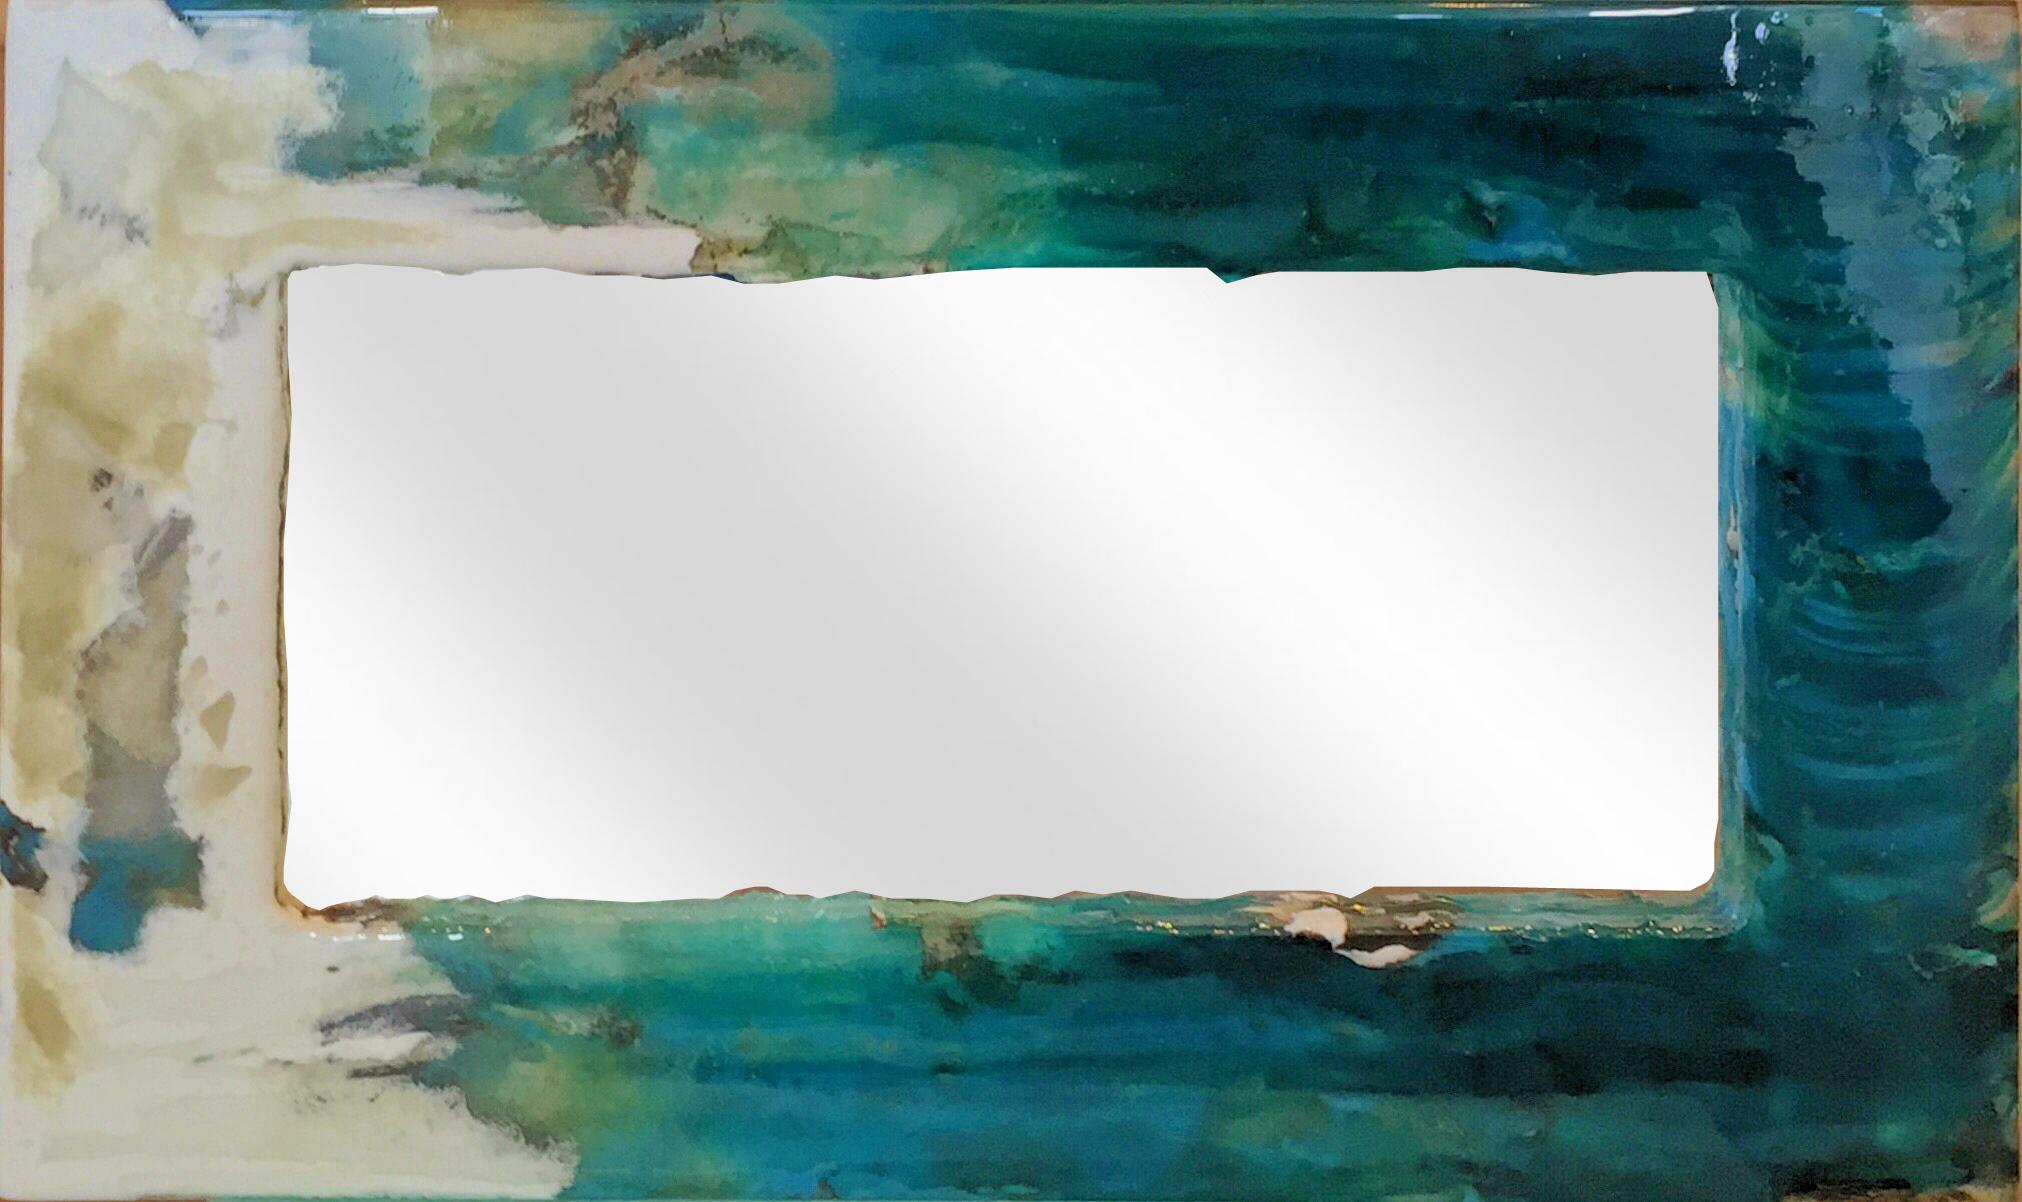 cuell.mirrorVII